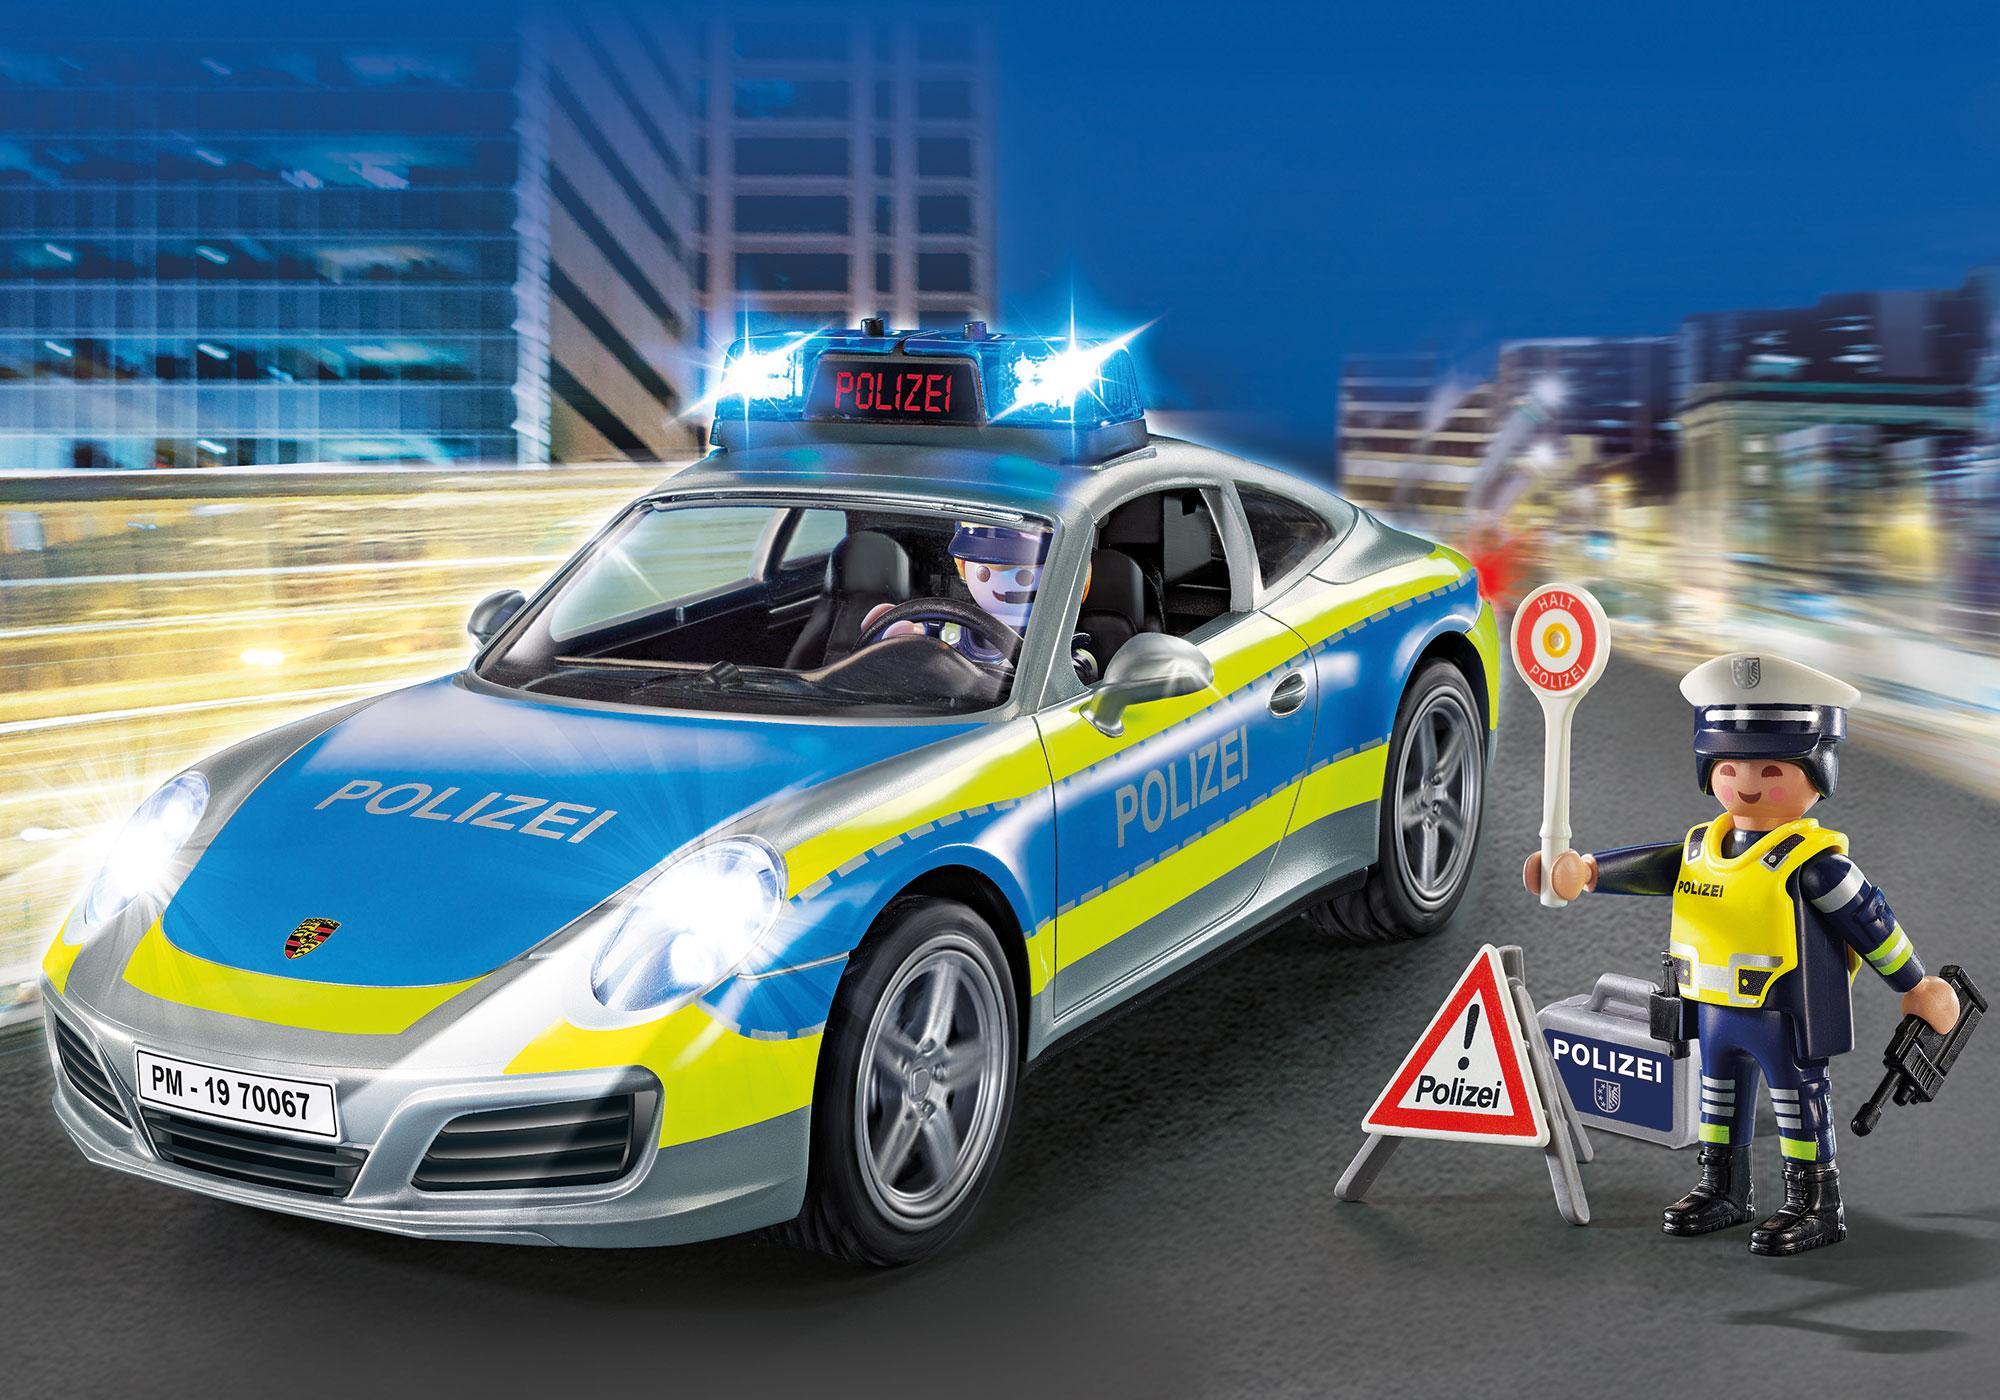 http://media.playmobil.com/i/playmobil/70067_product_detail/Porsche 911 Carrera 4S Polizei